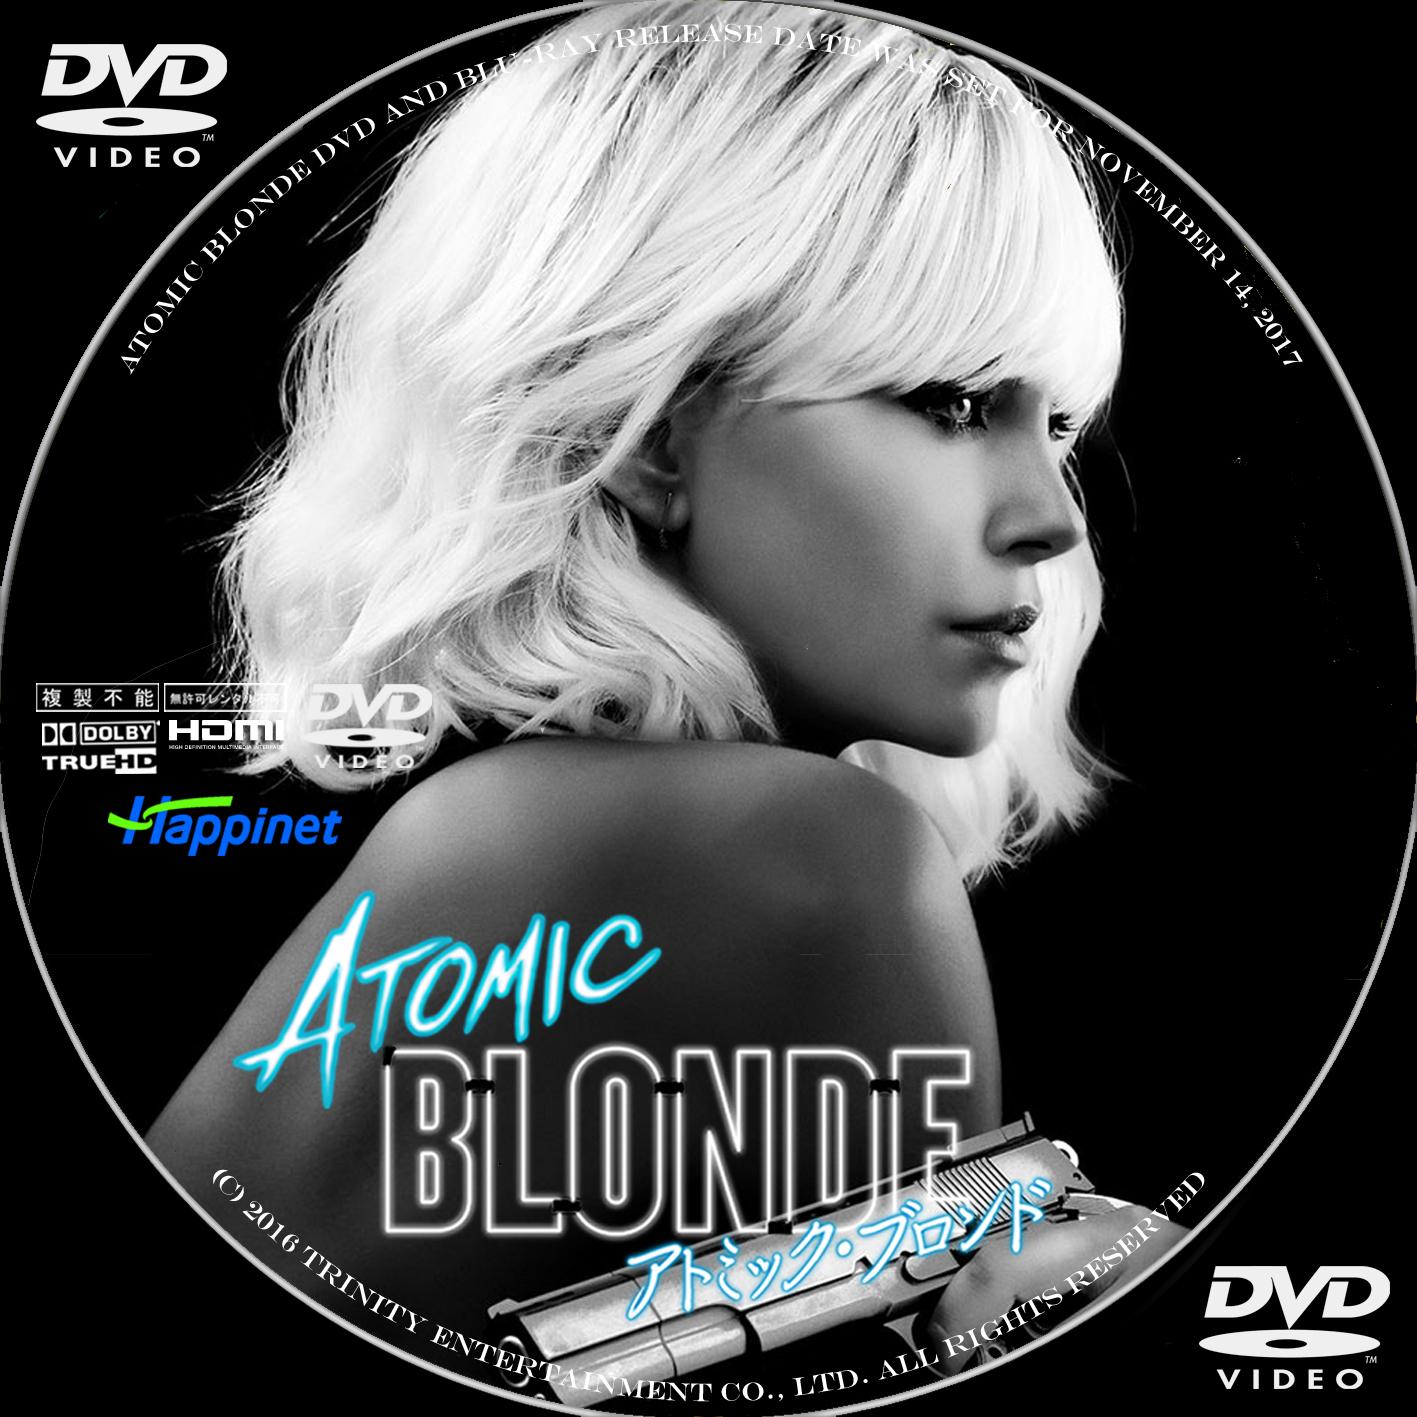 DVD ラベル4